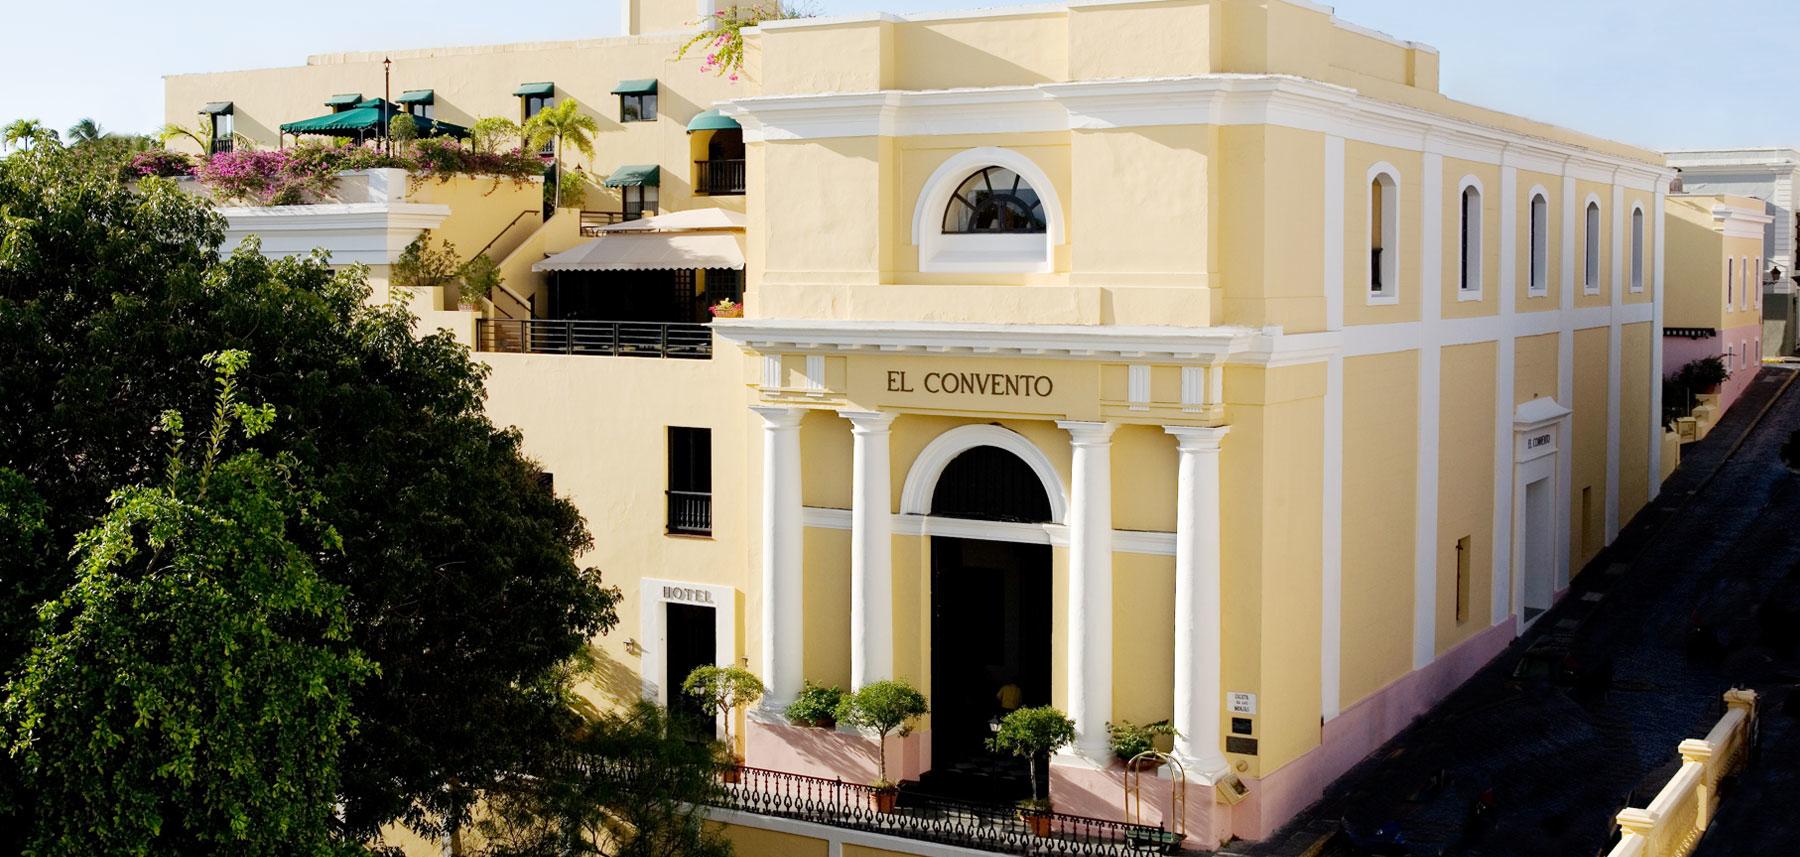 Hotel El Convento - Old San Juan Hotels